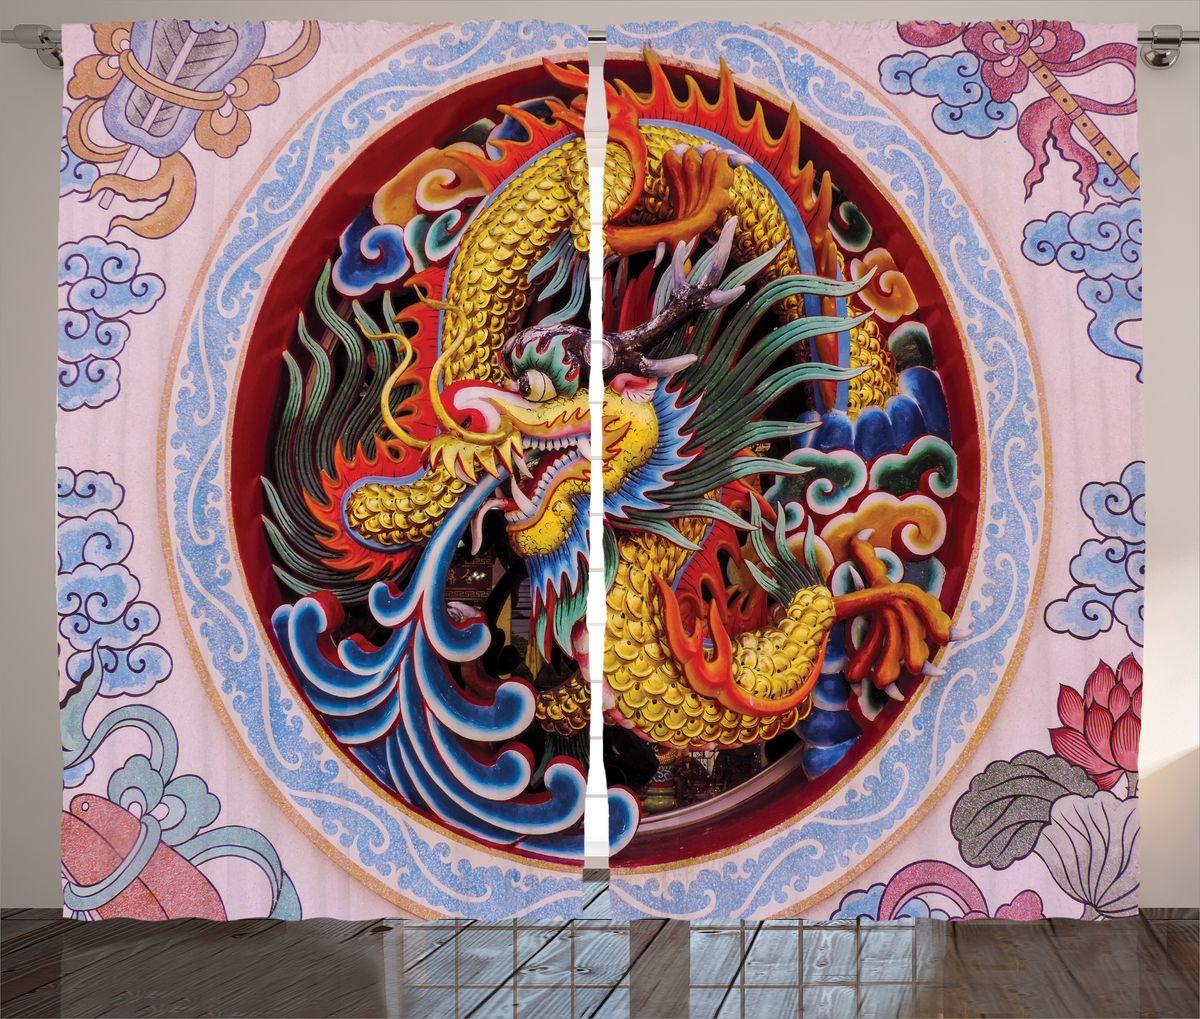 Комплект фотоштор Magic Lady Китайский дракон, на ленте, высота 265 см. шсг_1790721324Компания Сэмболь изготавливает шторы из высококачественного сатена (полиэстер 100%). При изготовлении используются специальные гипоаллергенные чернила для прямой печати по ткани, безопасные для человека и животных. Экологичность продукции Magic lady и безопасность для окружающей среды подтверждены сертификатом Oeko-Tex Standard 100. Крепление: крючки для крепления на шторной ленте (50 шт). Возможно крепление на трубу. Внимание! При нанесении сублимационной печати на ткань технологическим методом при температуре 240°С, возможно отклонение полученных размеров (указанных на этикетке и сайте) от стандартных на + - 3-5 см. Производитель старается максимально точно передать цвета изделия на фотографиях, однако искажения неизбежны и фактический цвет изделия может отличаться от воспринимаемого по фото. Обратите внимание! Шторы изготовлены из полиэстра сатенового переплетения, а не из сатина (хлопок). Размер одного полотна шторы: 145х265 см. В комплекте 2 полотна шторы и 50 крючков.